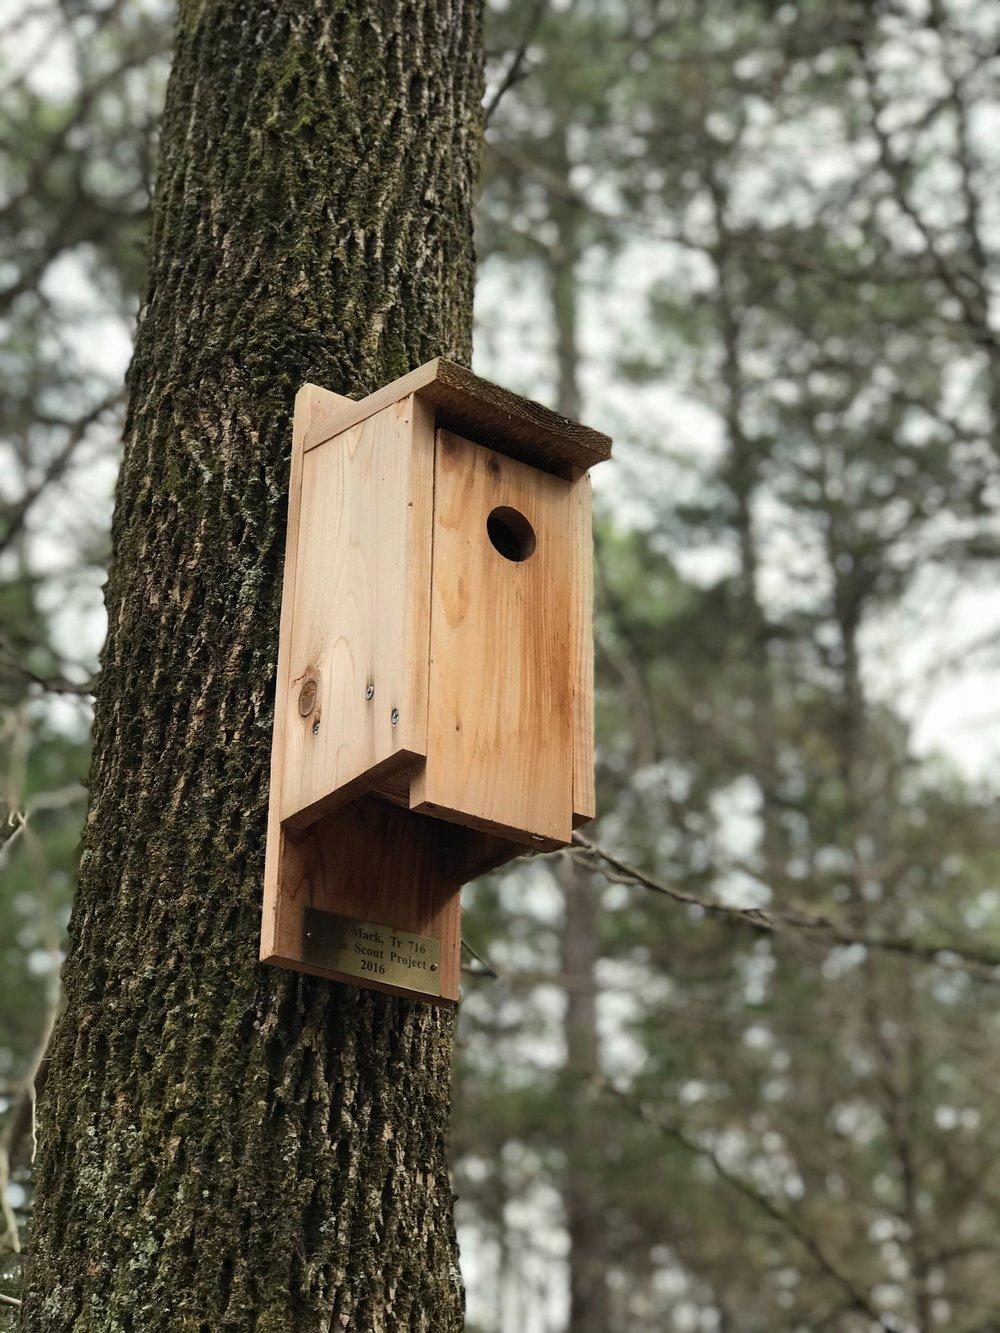 bark-bird-house-birdhouse-1359565.jpg